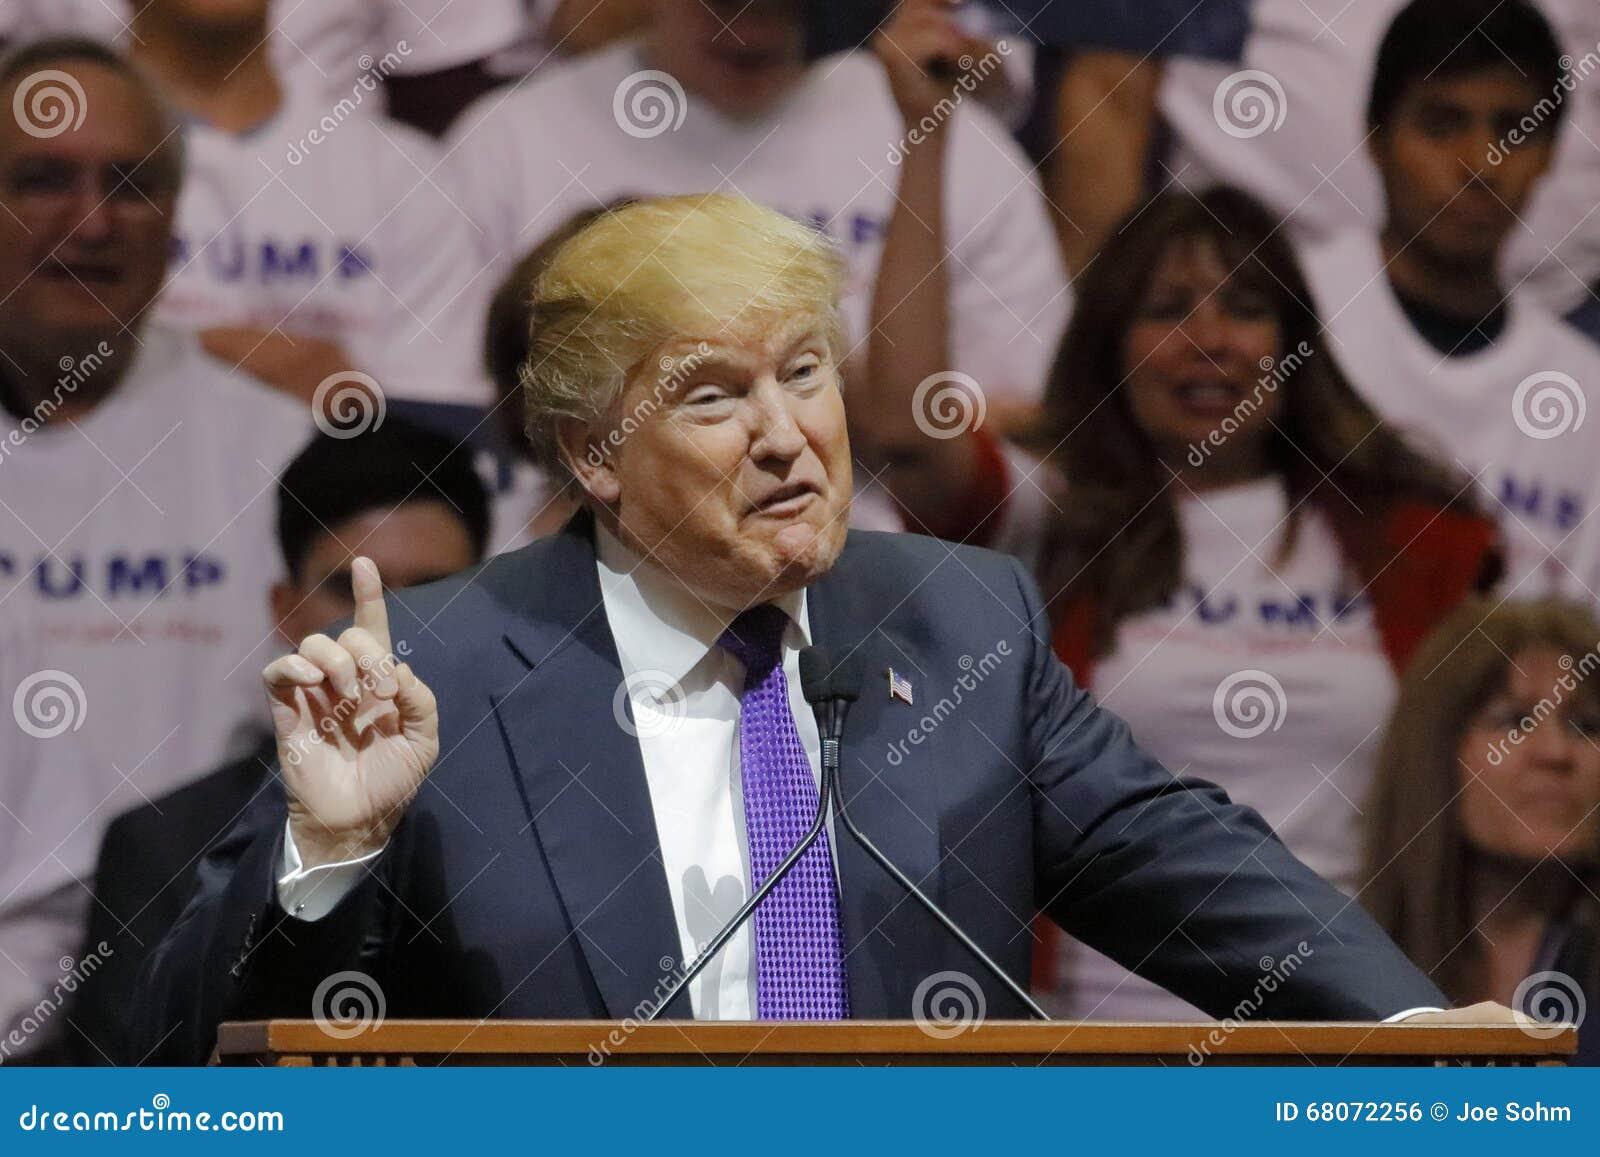 Republikeinse presidentiële campagneverzameling de kandidaat van Donald Trump bij het de Arena & Casino van het Zuidenpunt in Las